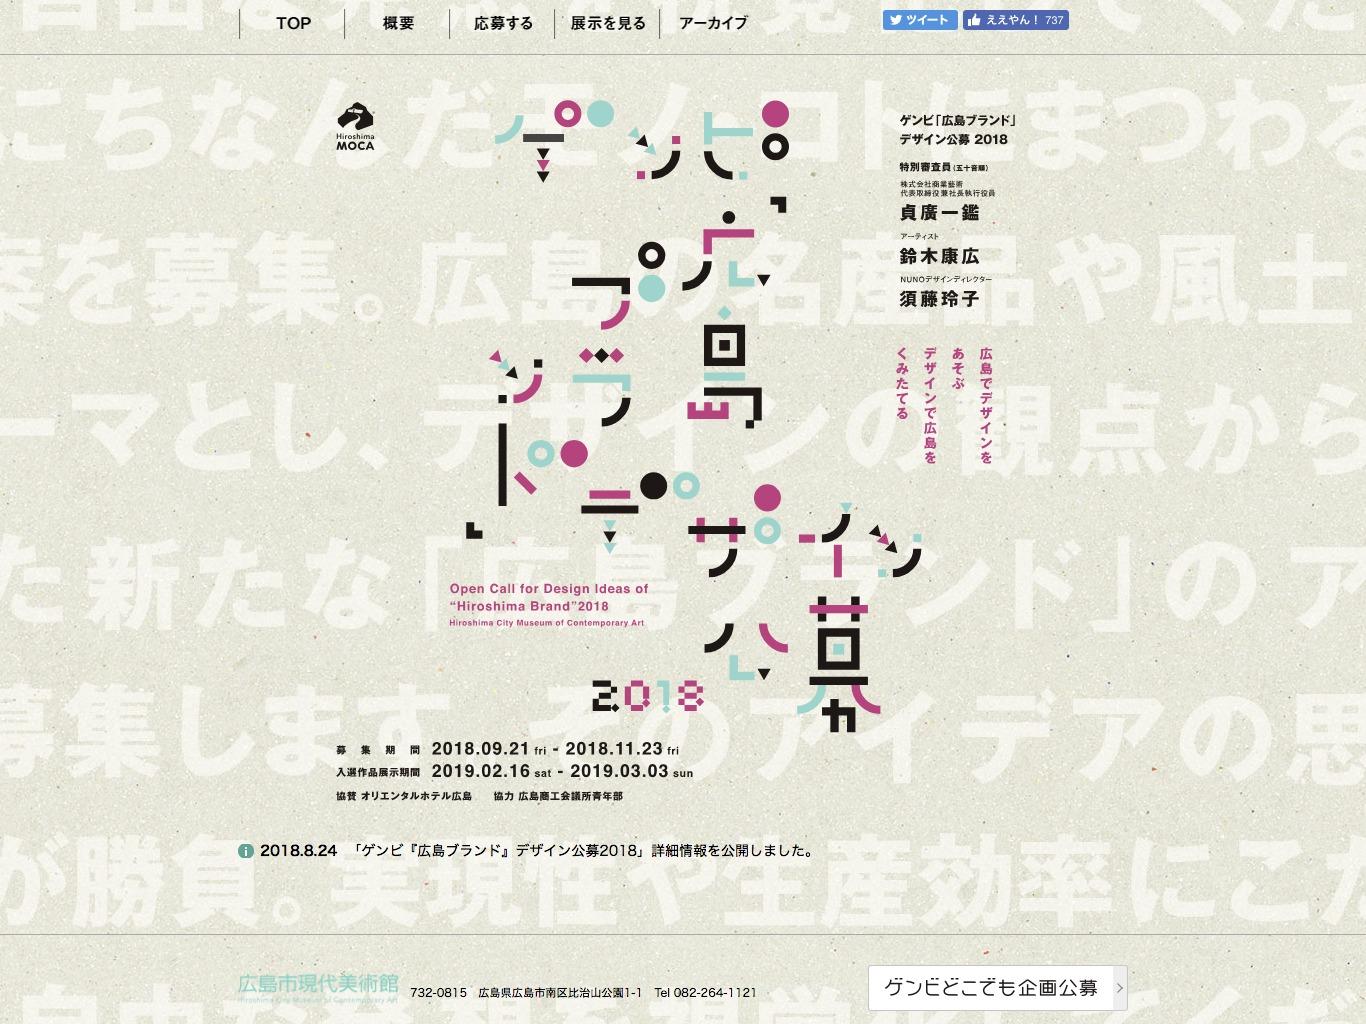 ゲンビ「広島ブランド」デザイン公募2018展 - 広島市現代美術館 / web ...